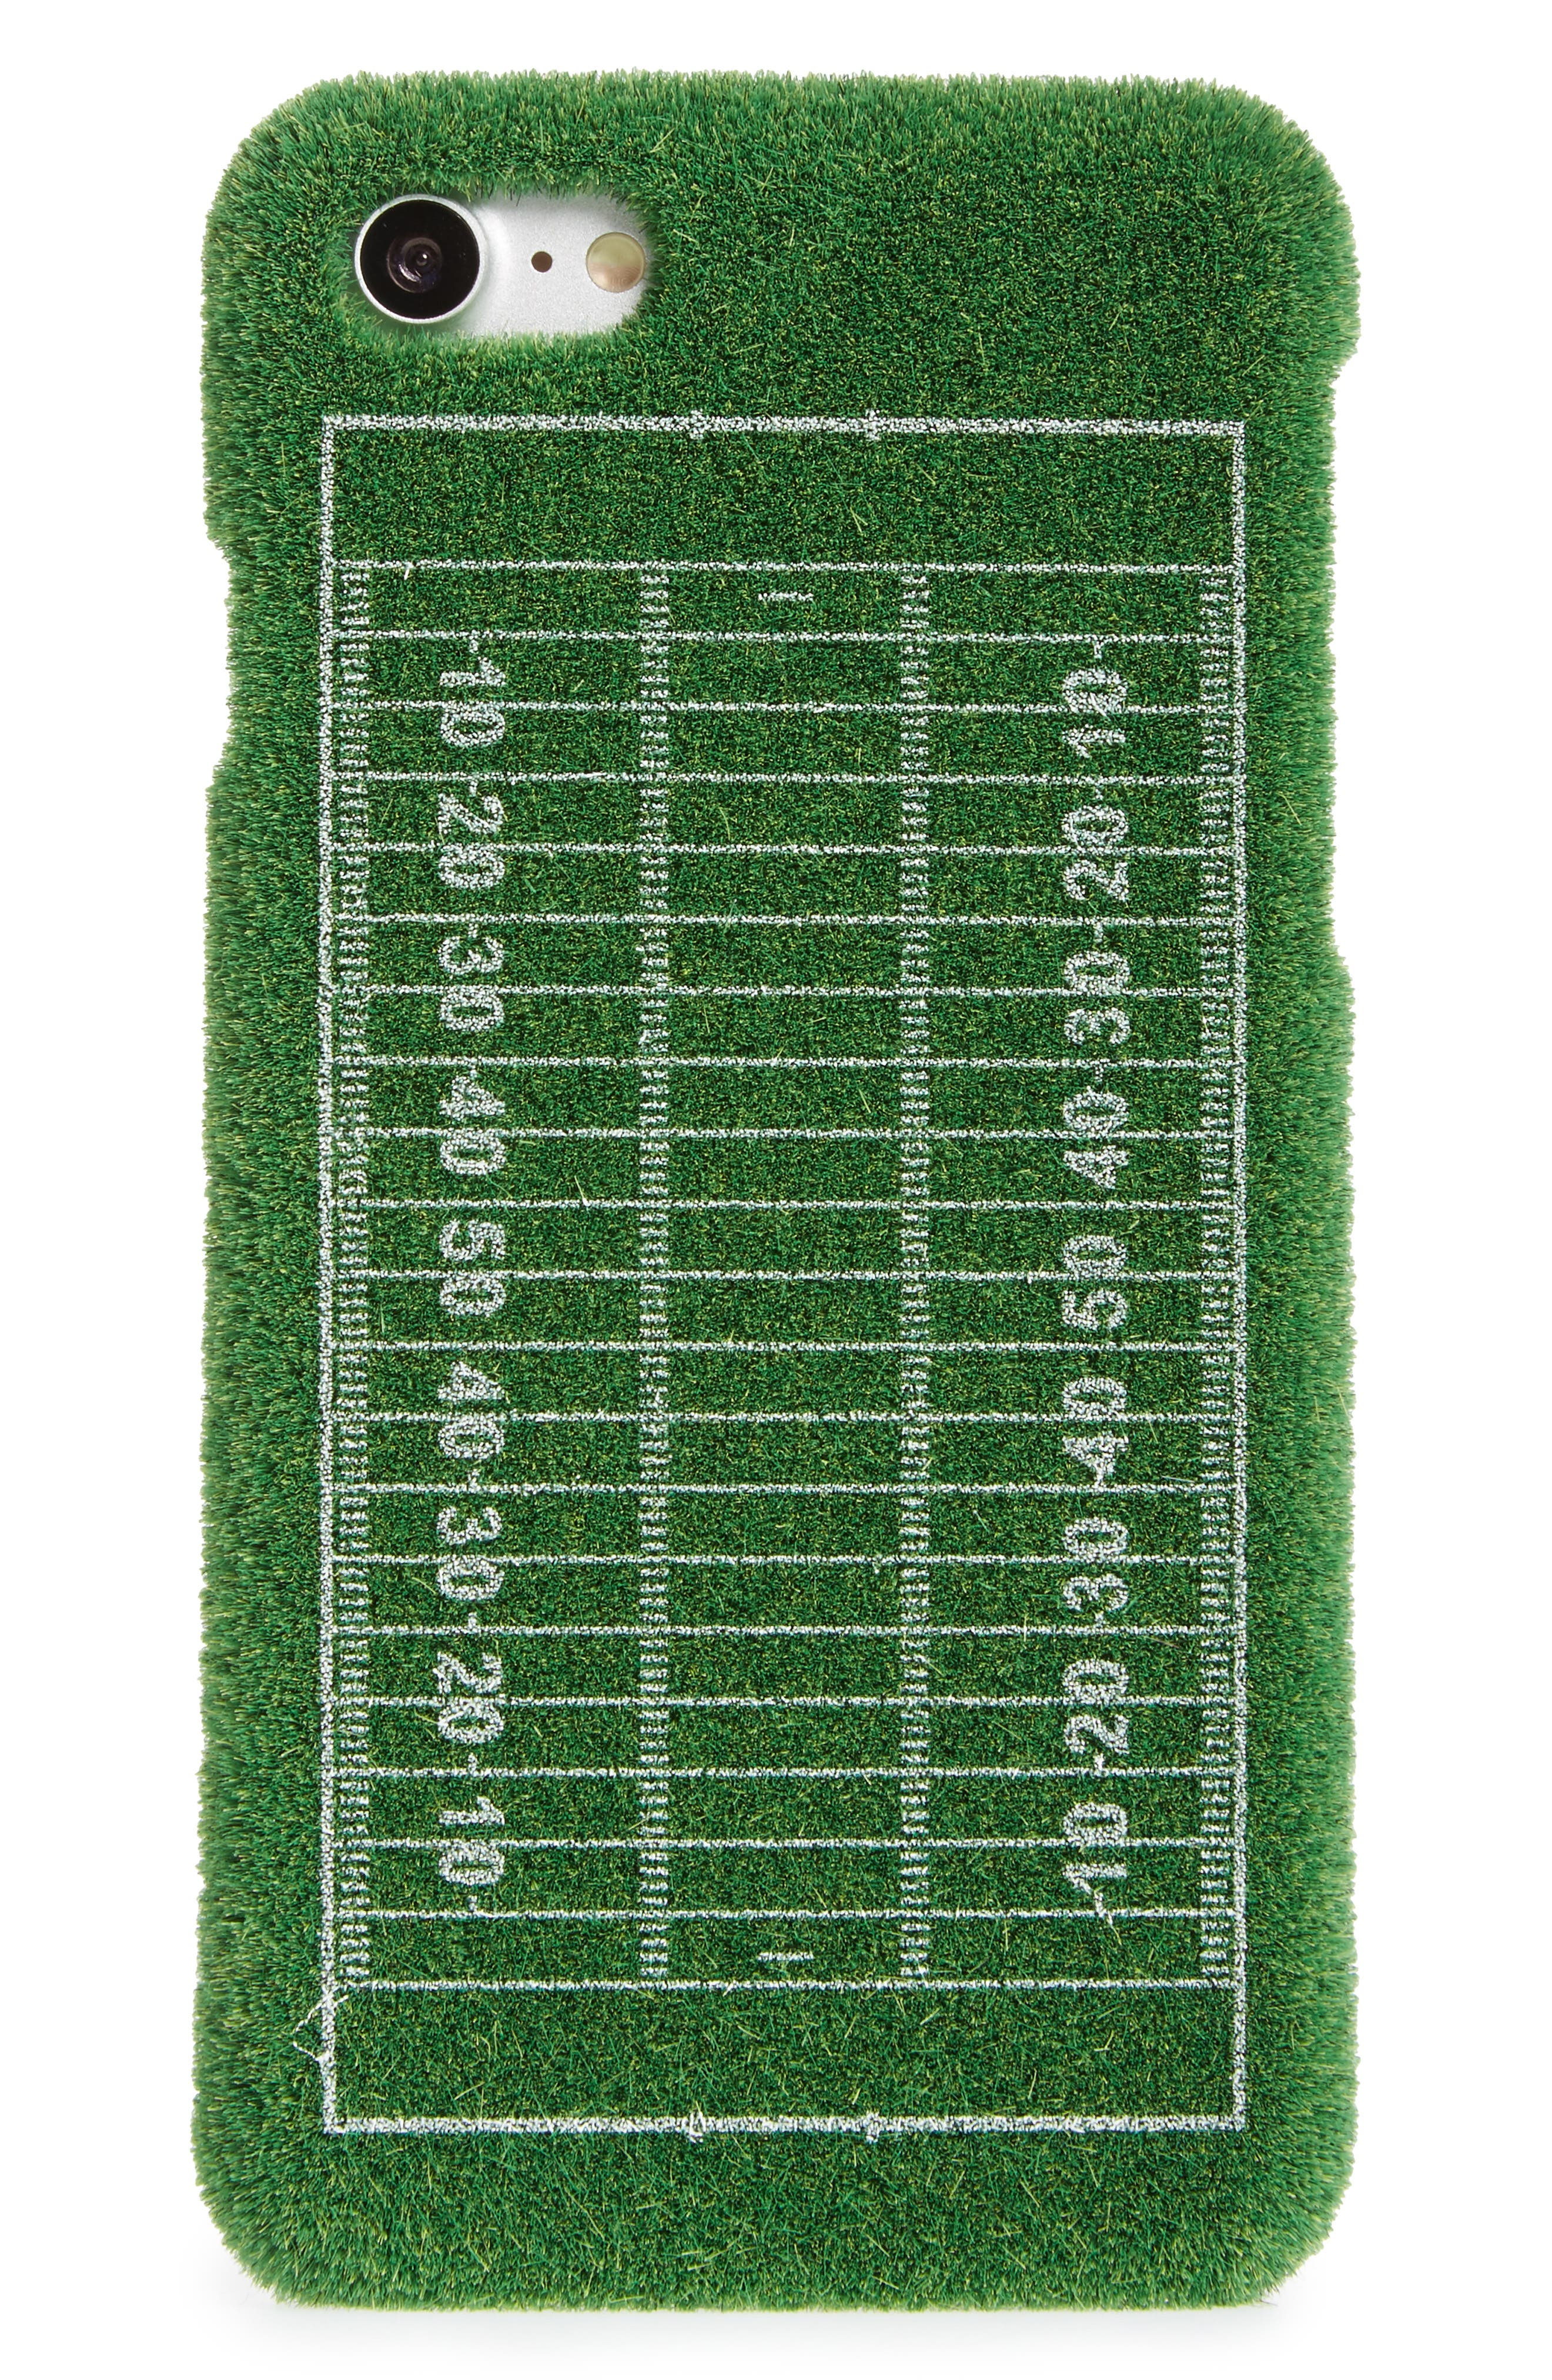 Super Bowl Portable Park iPhone 7 & iPhone 7 Plus Case,                             Alternate thumbnail 3, color,                             300